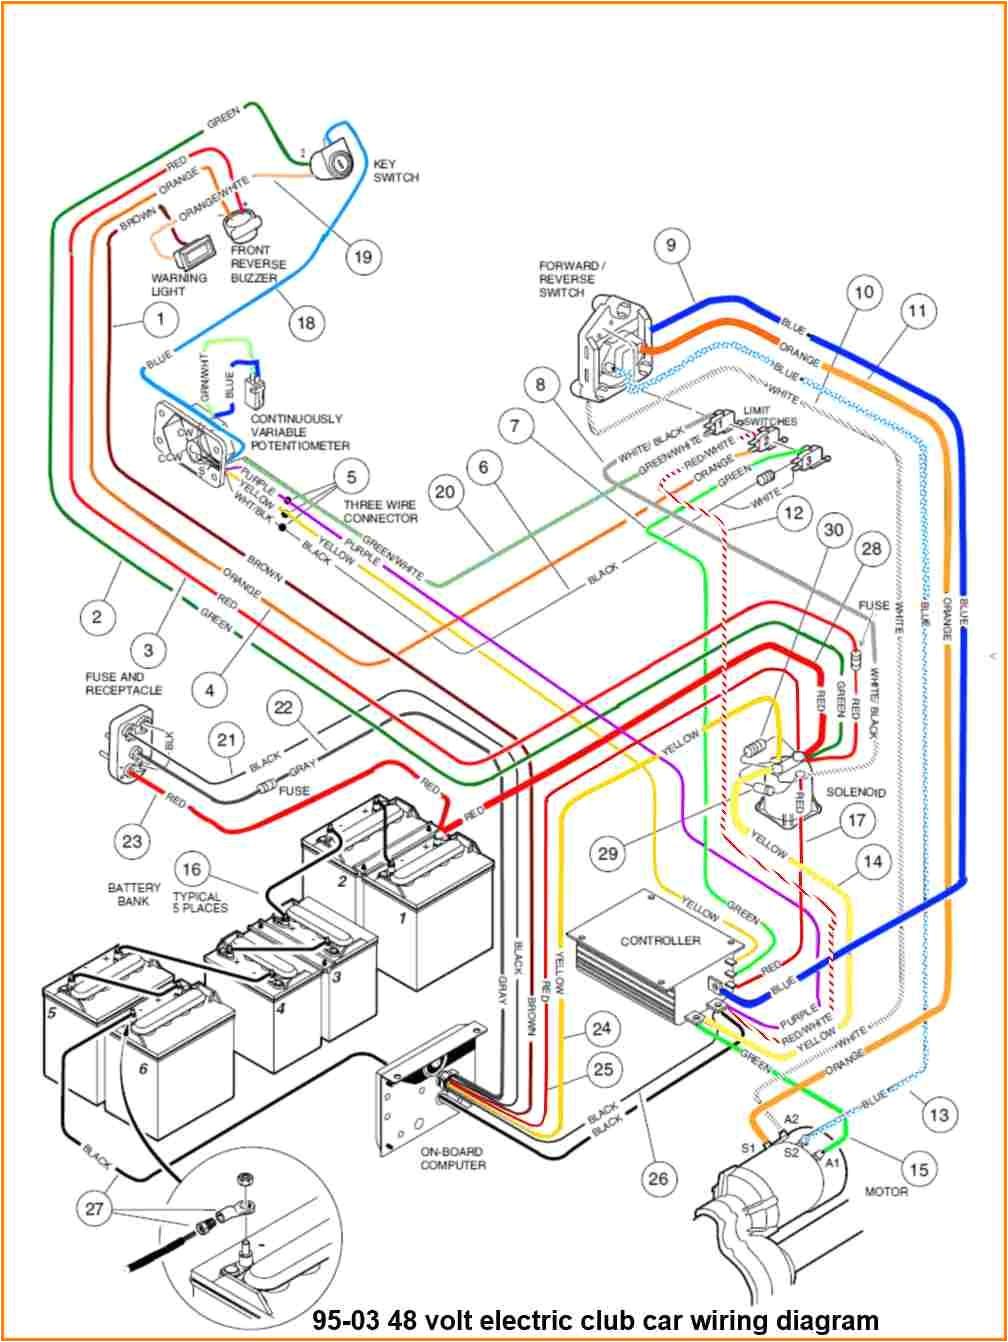 48 volt ezgo wiring diagram wiring diagram blog 2010 ezgo 48 volt wiring diagram ez go